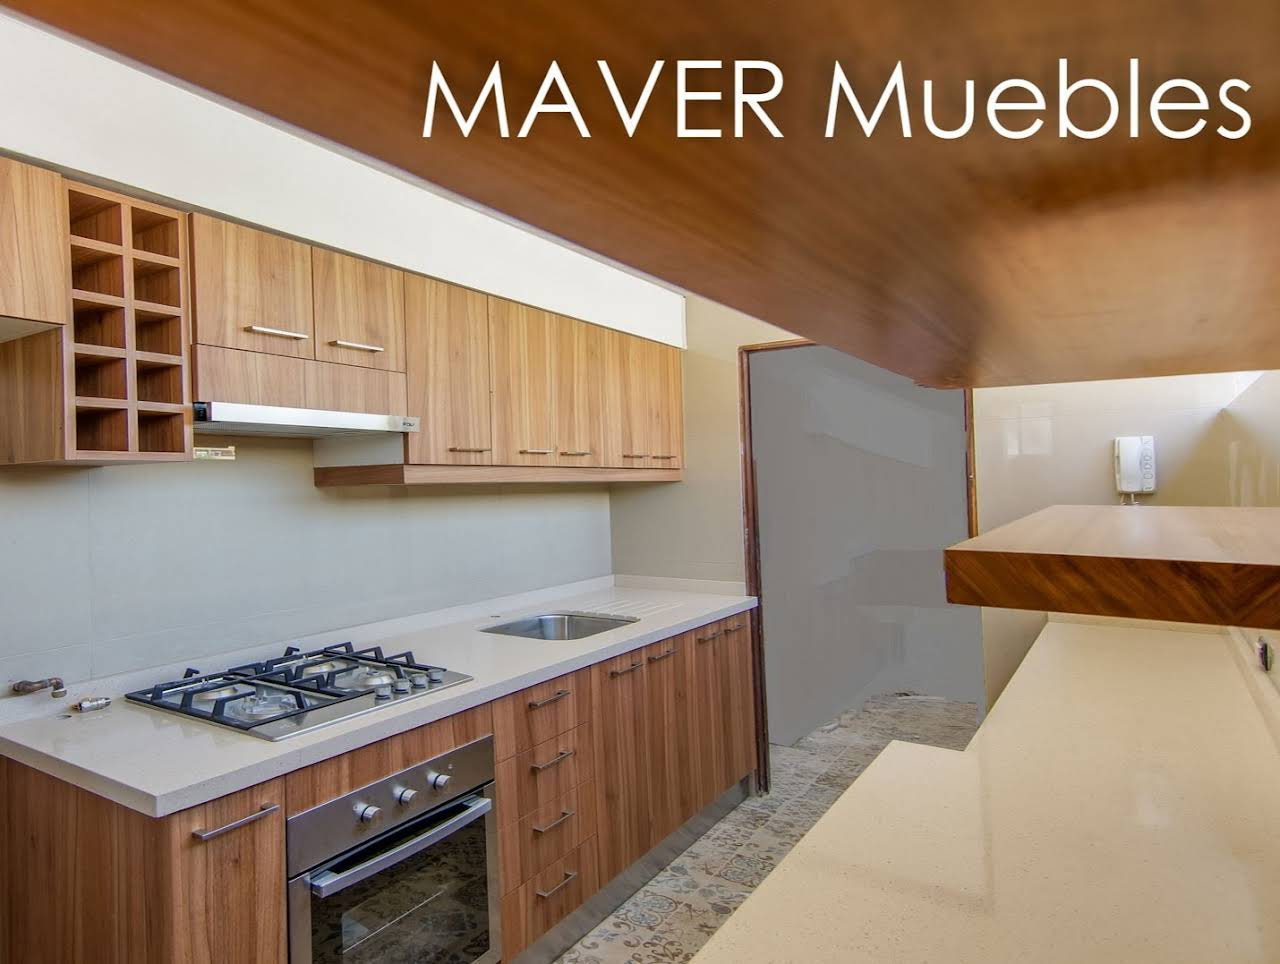 Maver Muebles De Cocina Muebles De Cocina En La Reina Las Condes  # Xp Muebles De Cocina